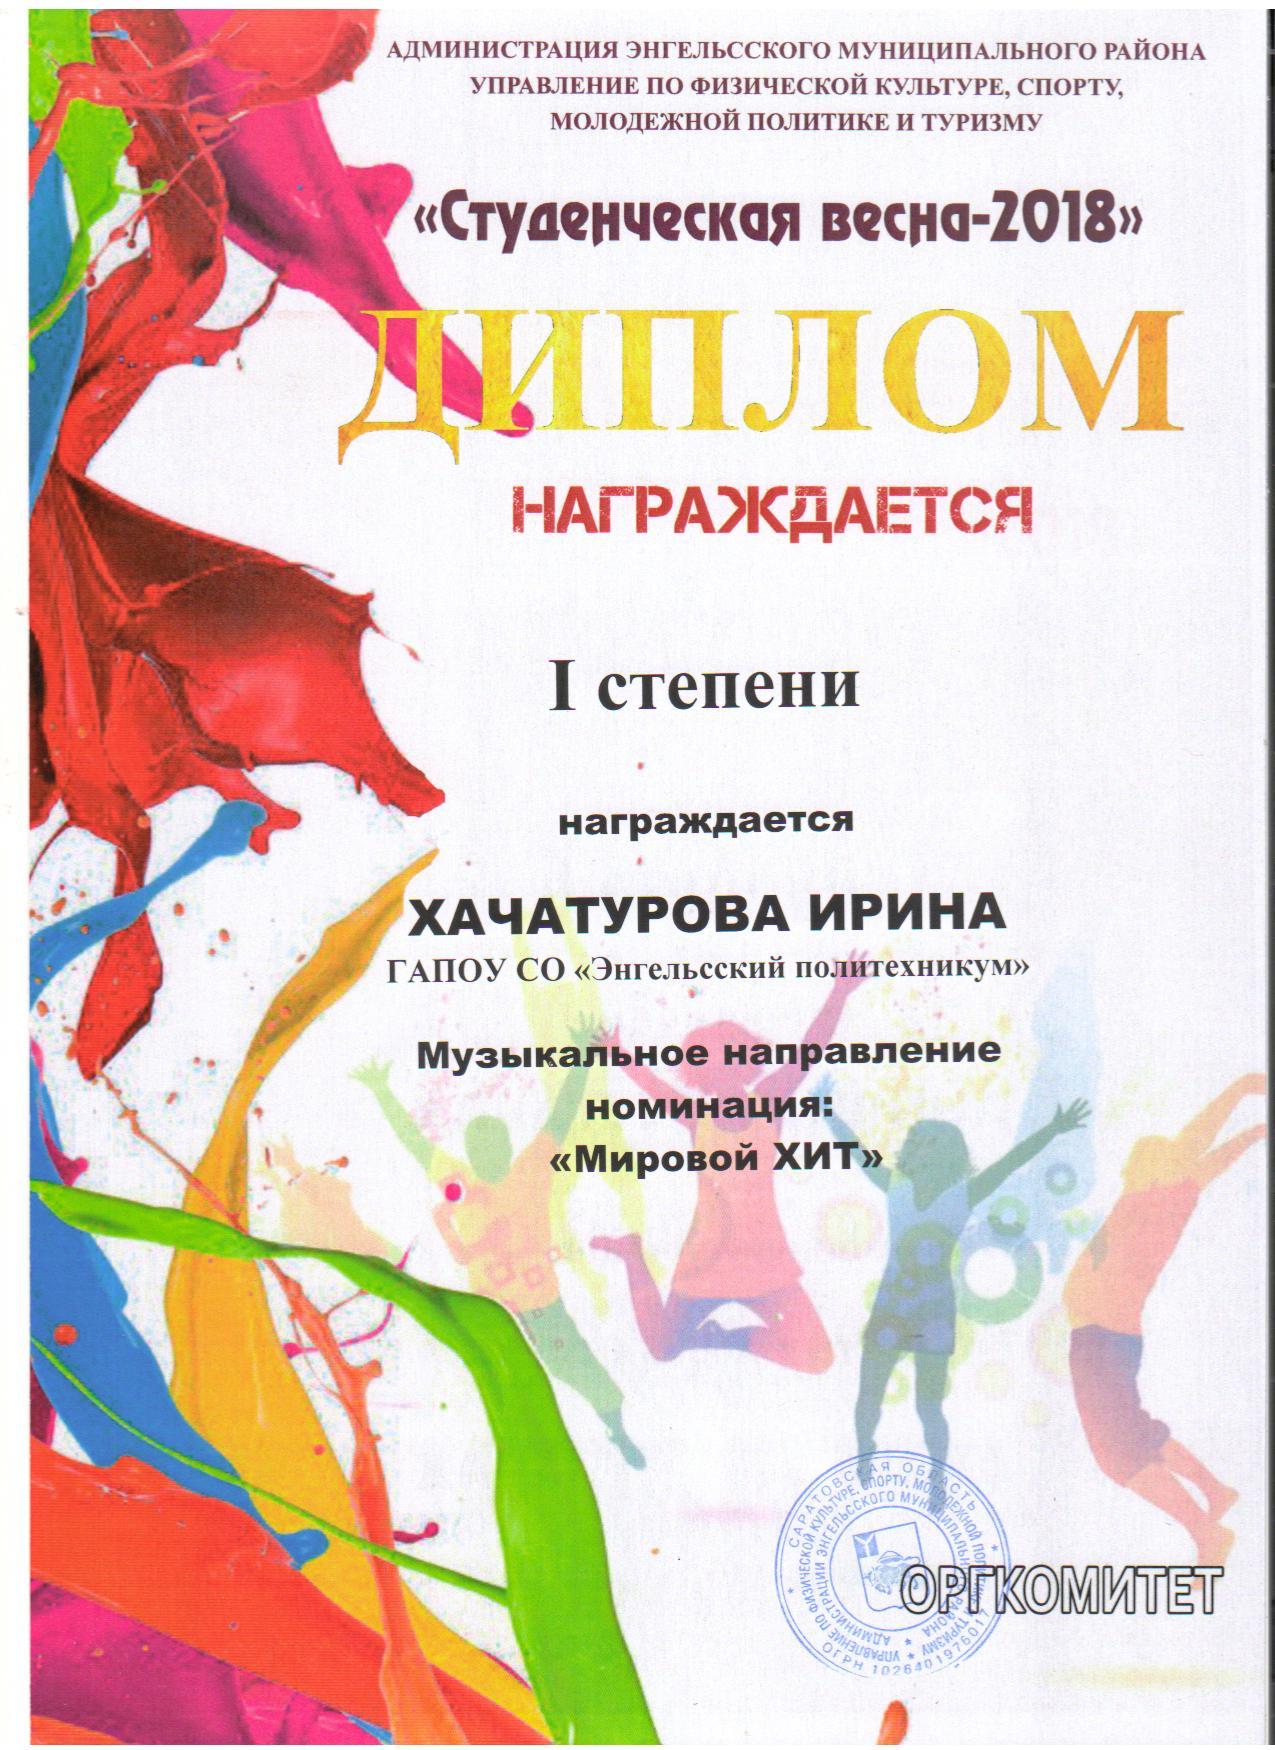 http://politehnikum-eng.ru/2018/04_18/15.jpg